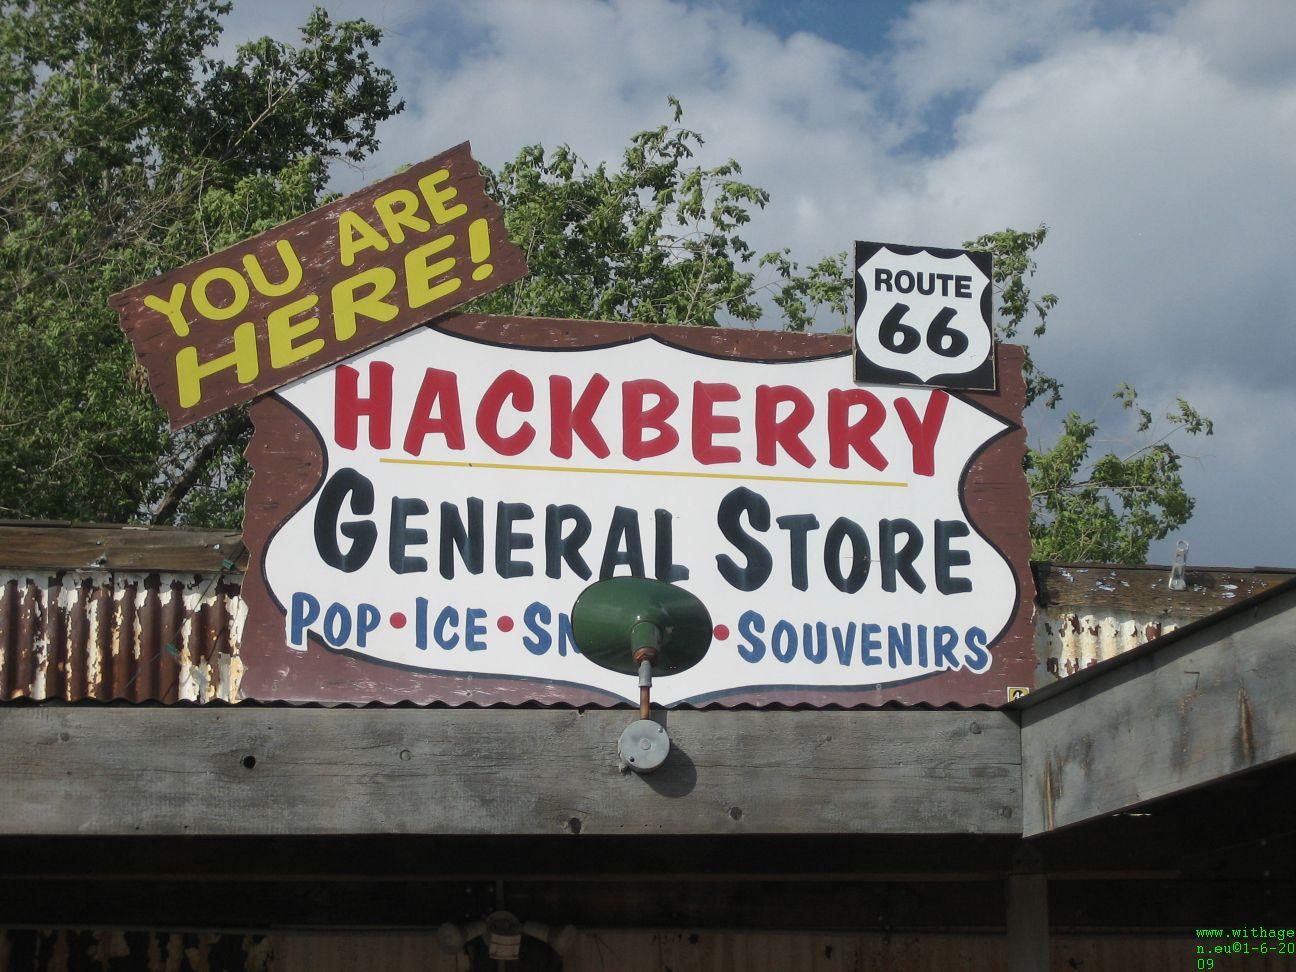 Hackberrys General store route 66